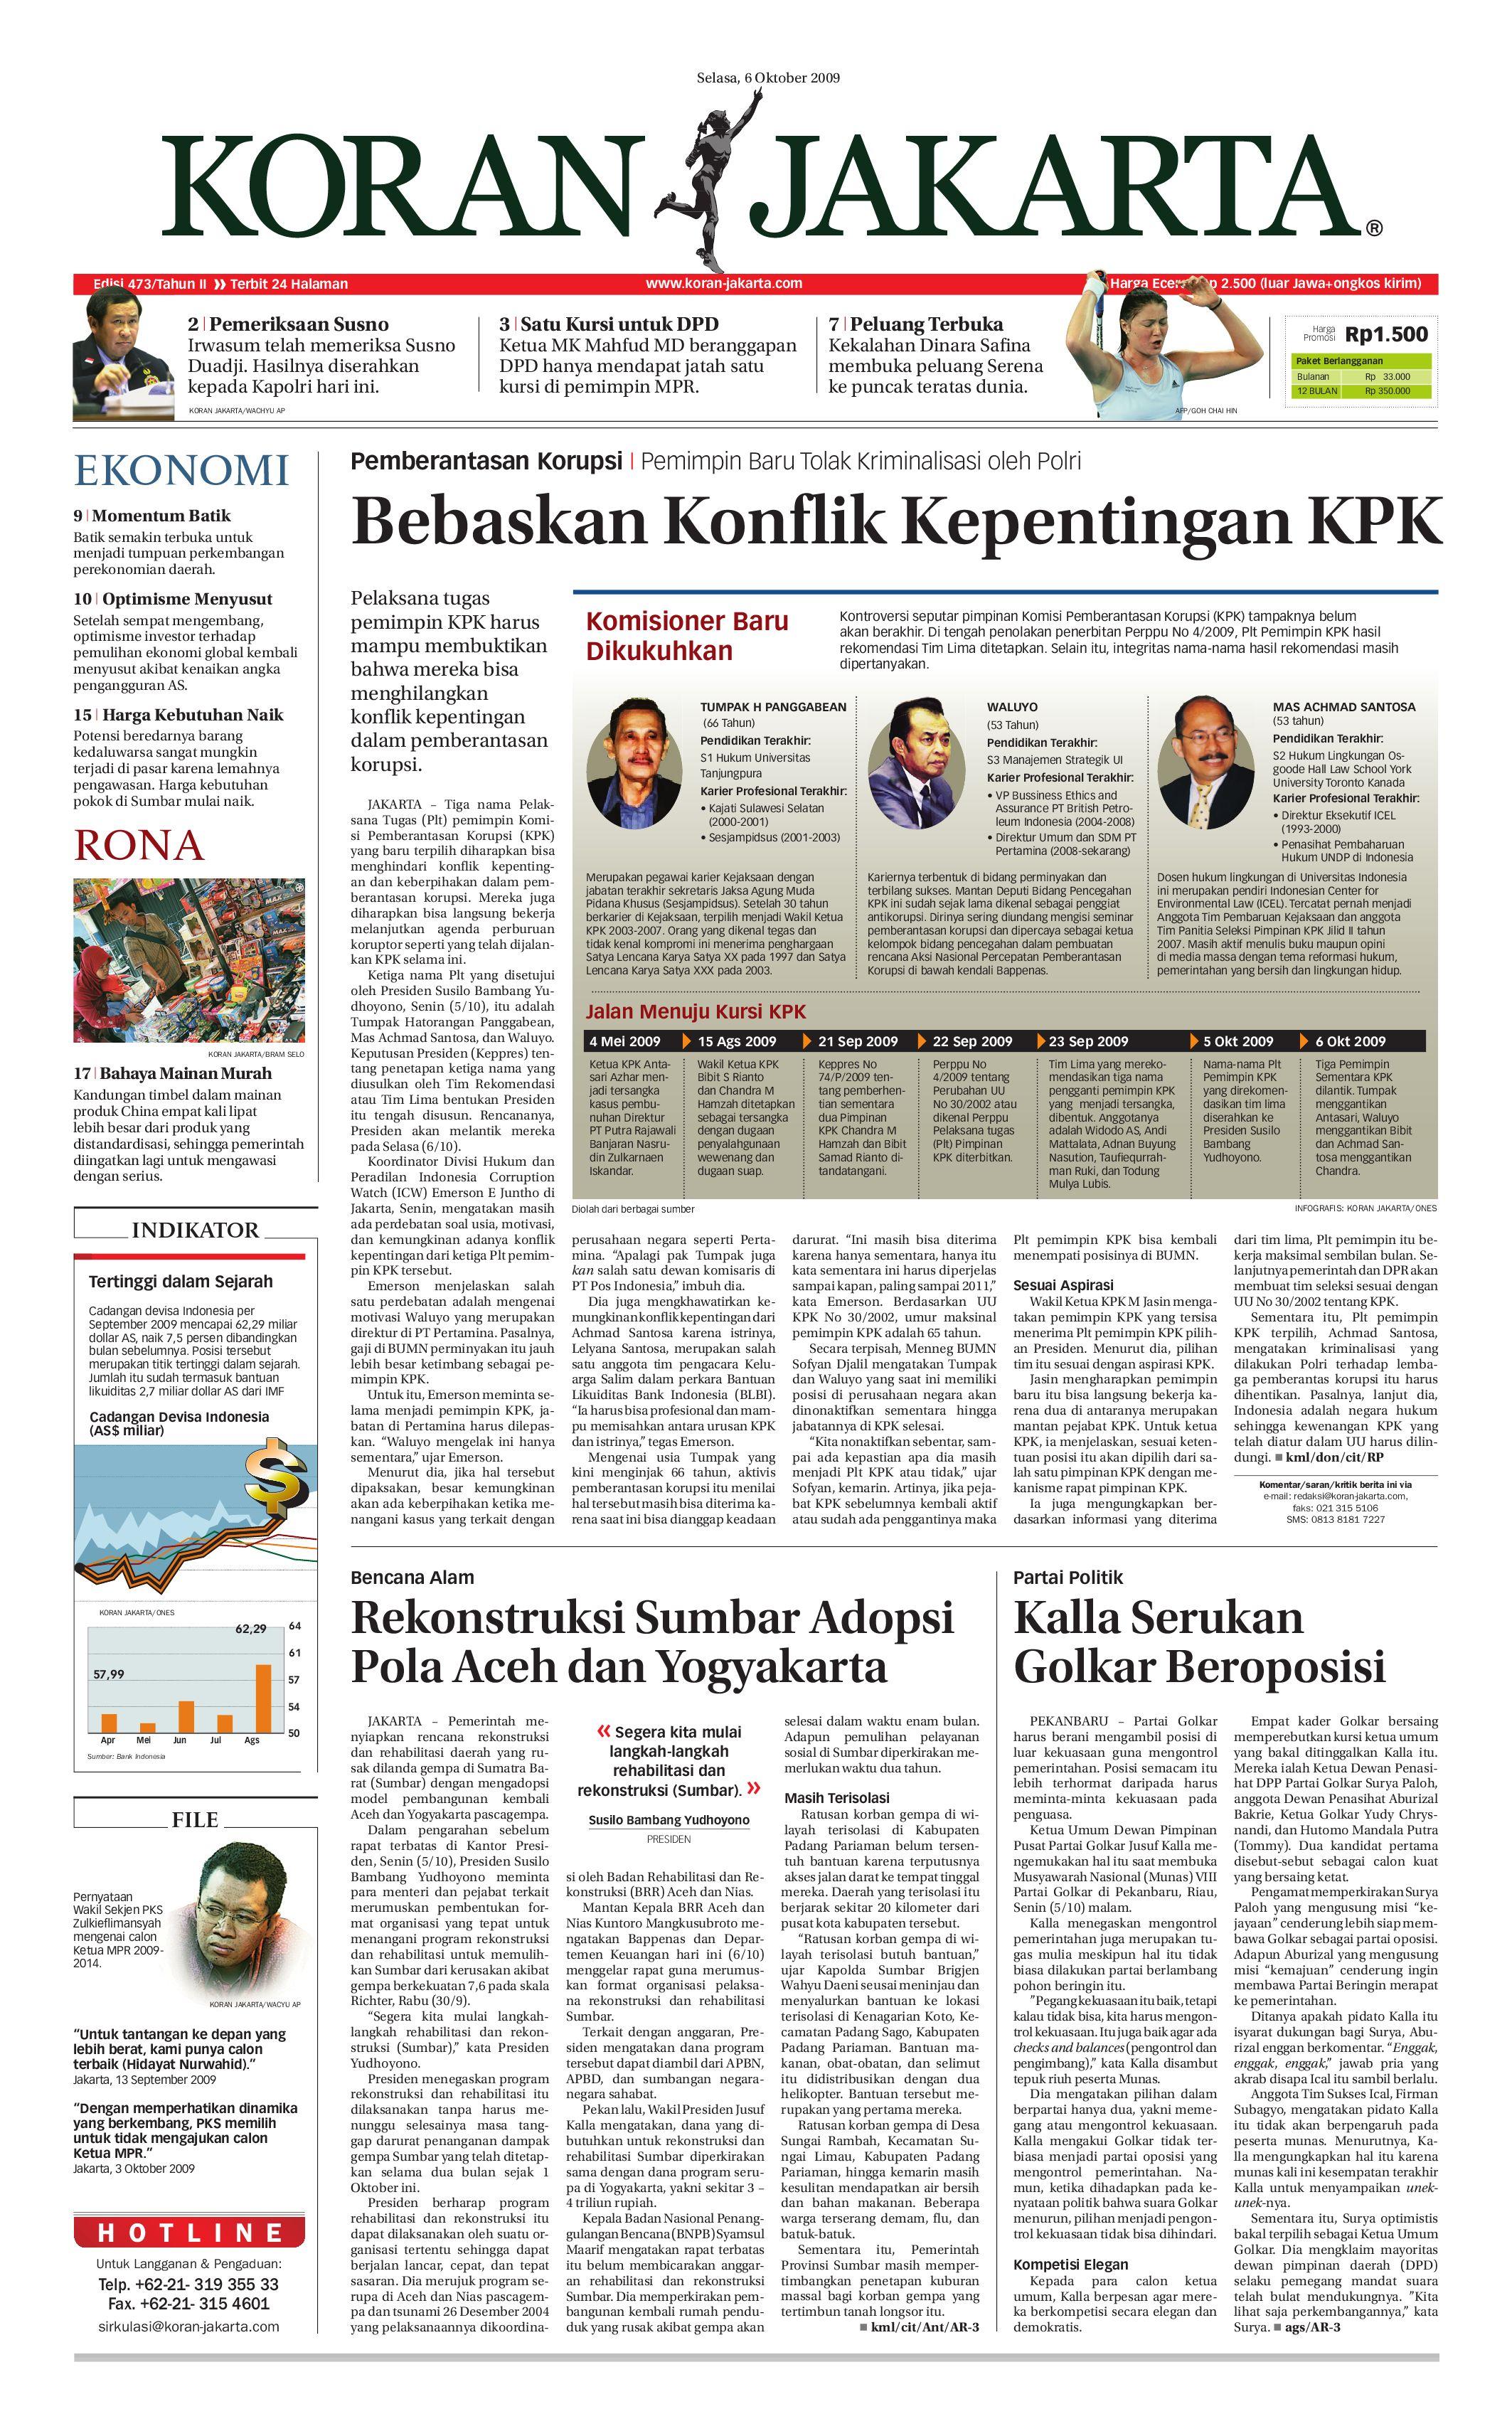 Edisi 473 06 Oktober 2009 By Pt Berita Nusantara Issuu Produk Ukm Bumn Bunge Tanjung Betabur